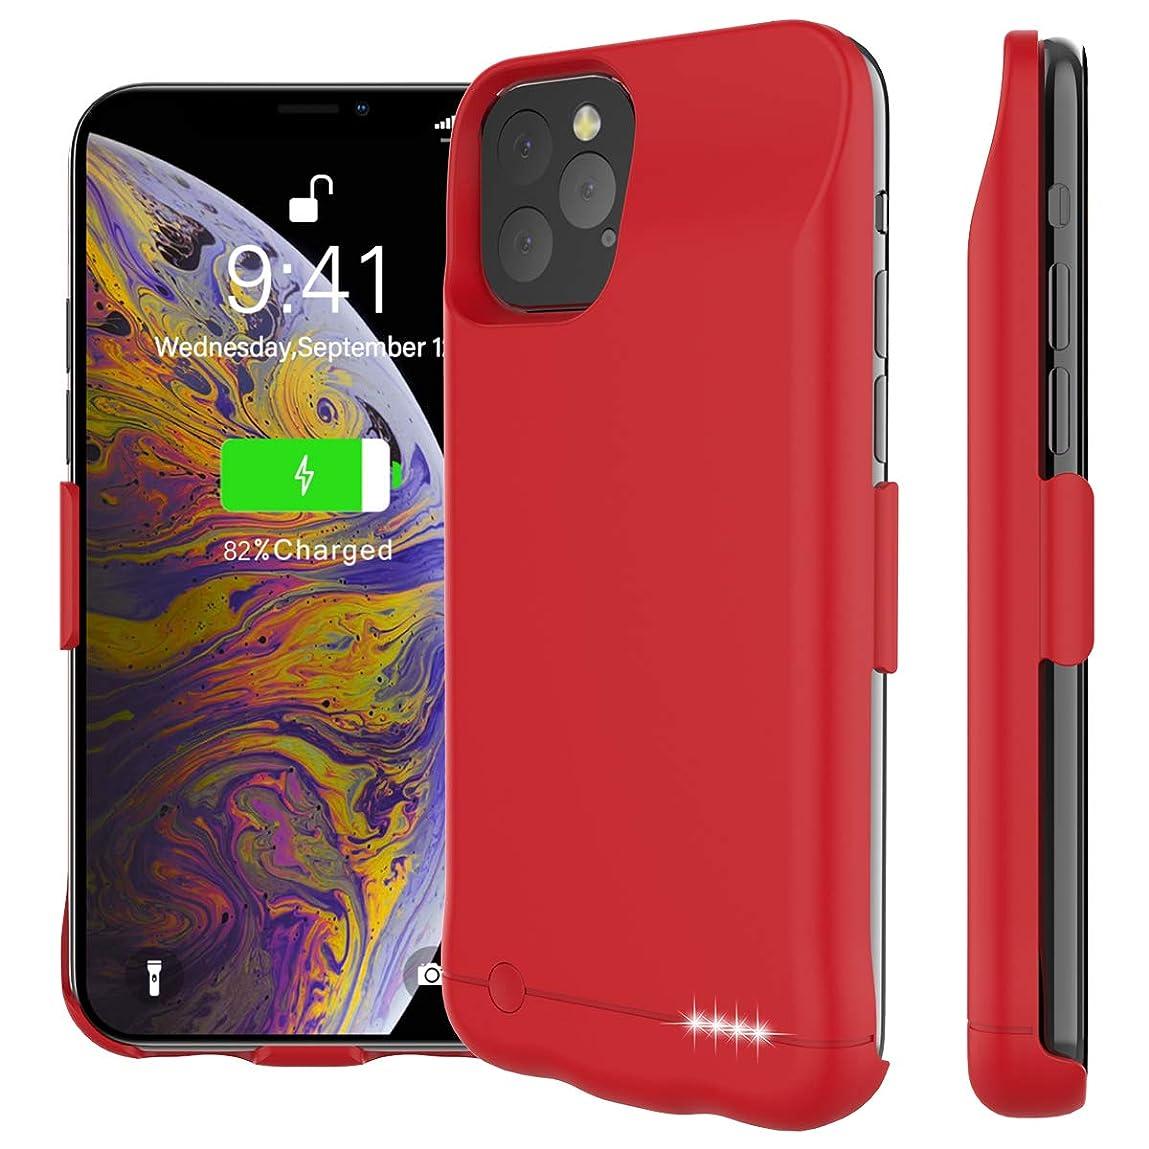 参加者衝撃私たち自身Scheamバッテリー内蔵ケース大容量iPhone 11 Pro 5.8 Inch 5200mAh専用、 バッテリーケース 軽量 超薄 急速充電 超便利 耐衝撃 ケース型バッテリー 携帯充電器 モバイルバッテリー バッテリー容 量追加 (Red)